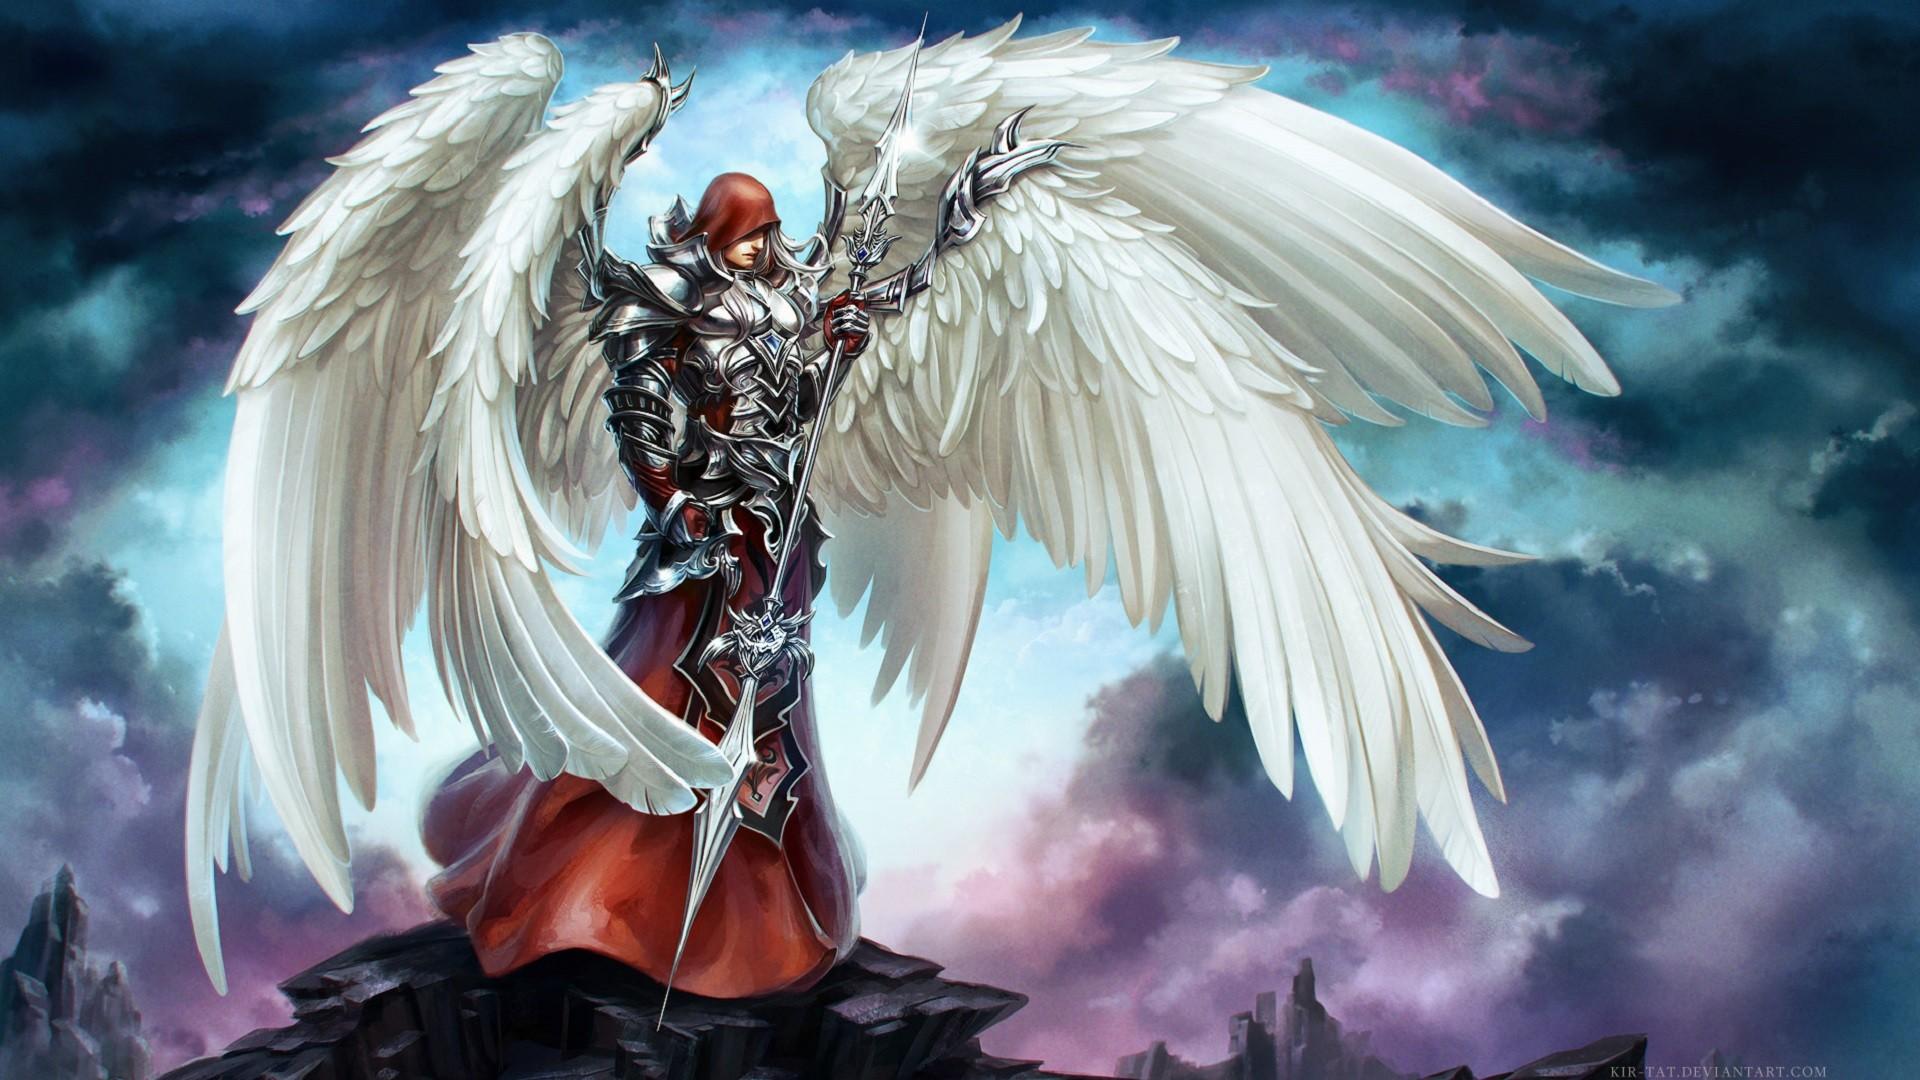 позаботились картинки с ангелами воинами решил останавливаться первой